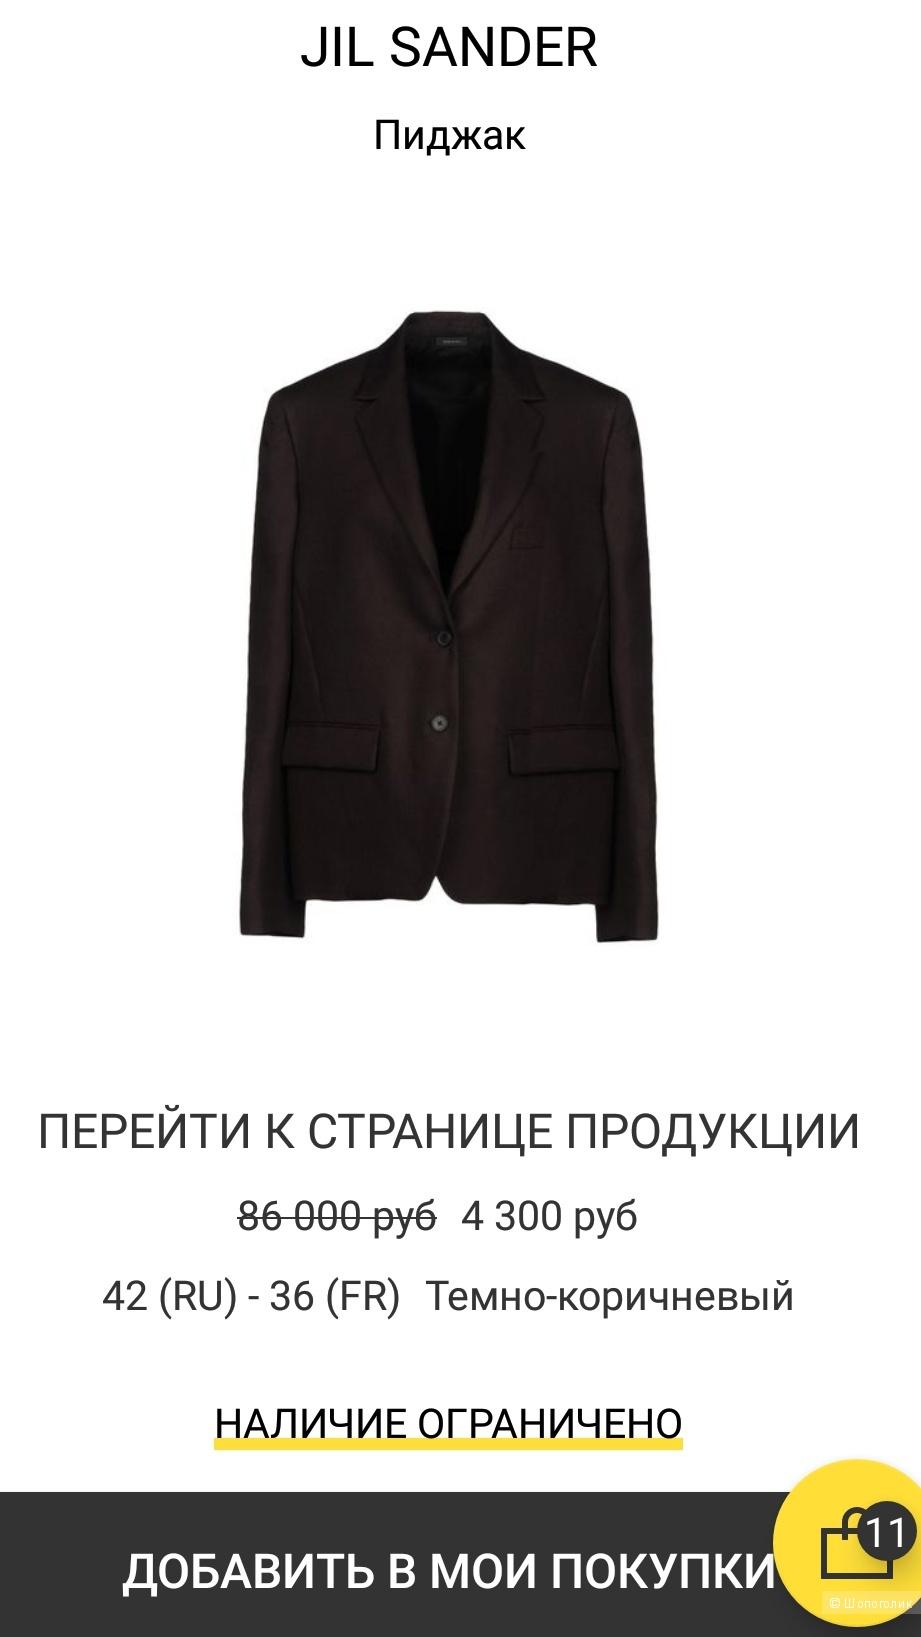 Пиджак  JIL SANDER 42р(36фр)большемерит на 44-46р